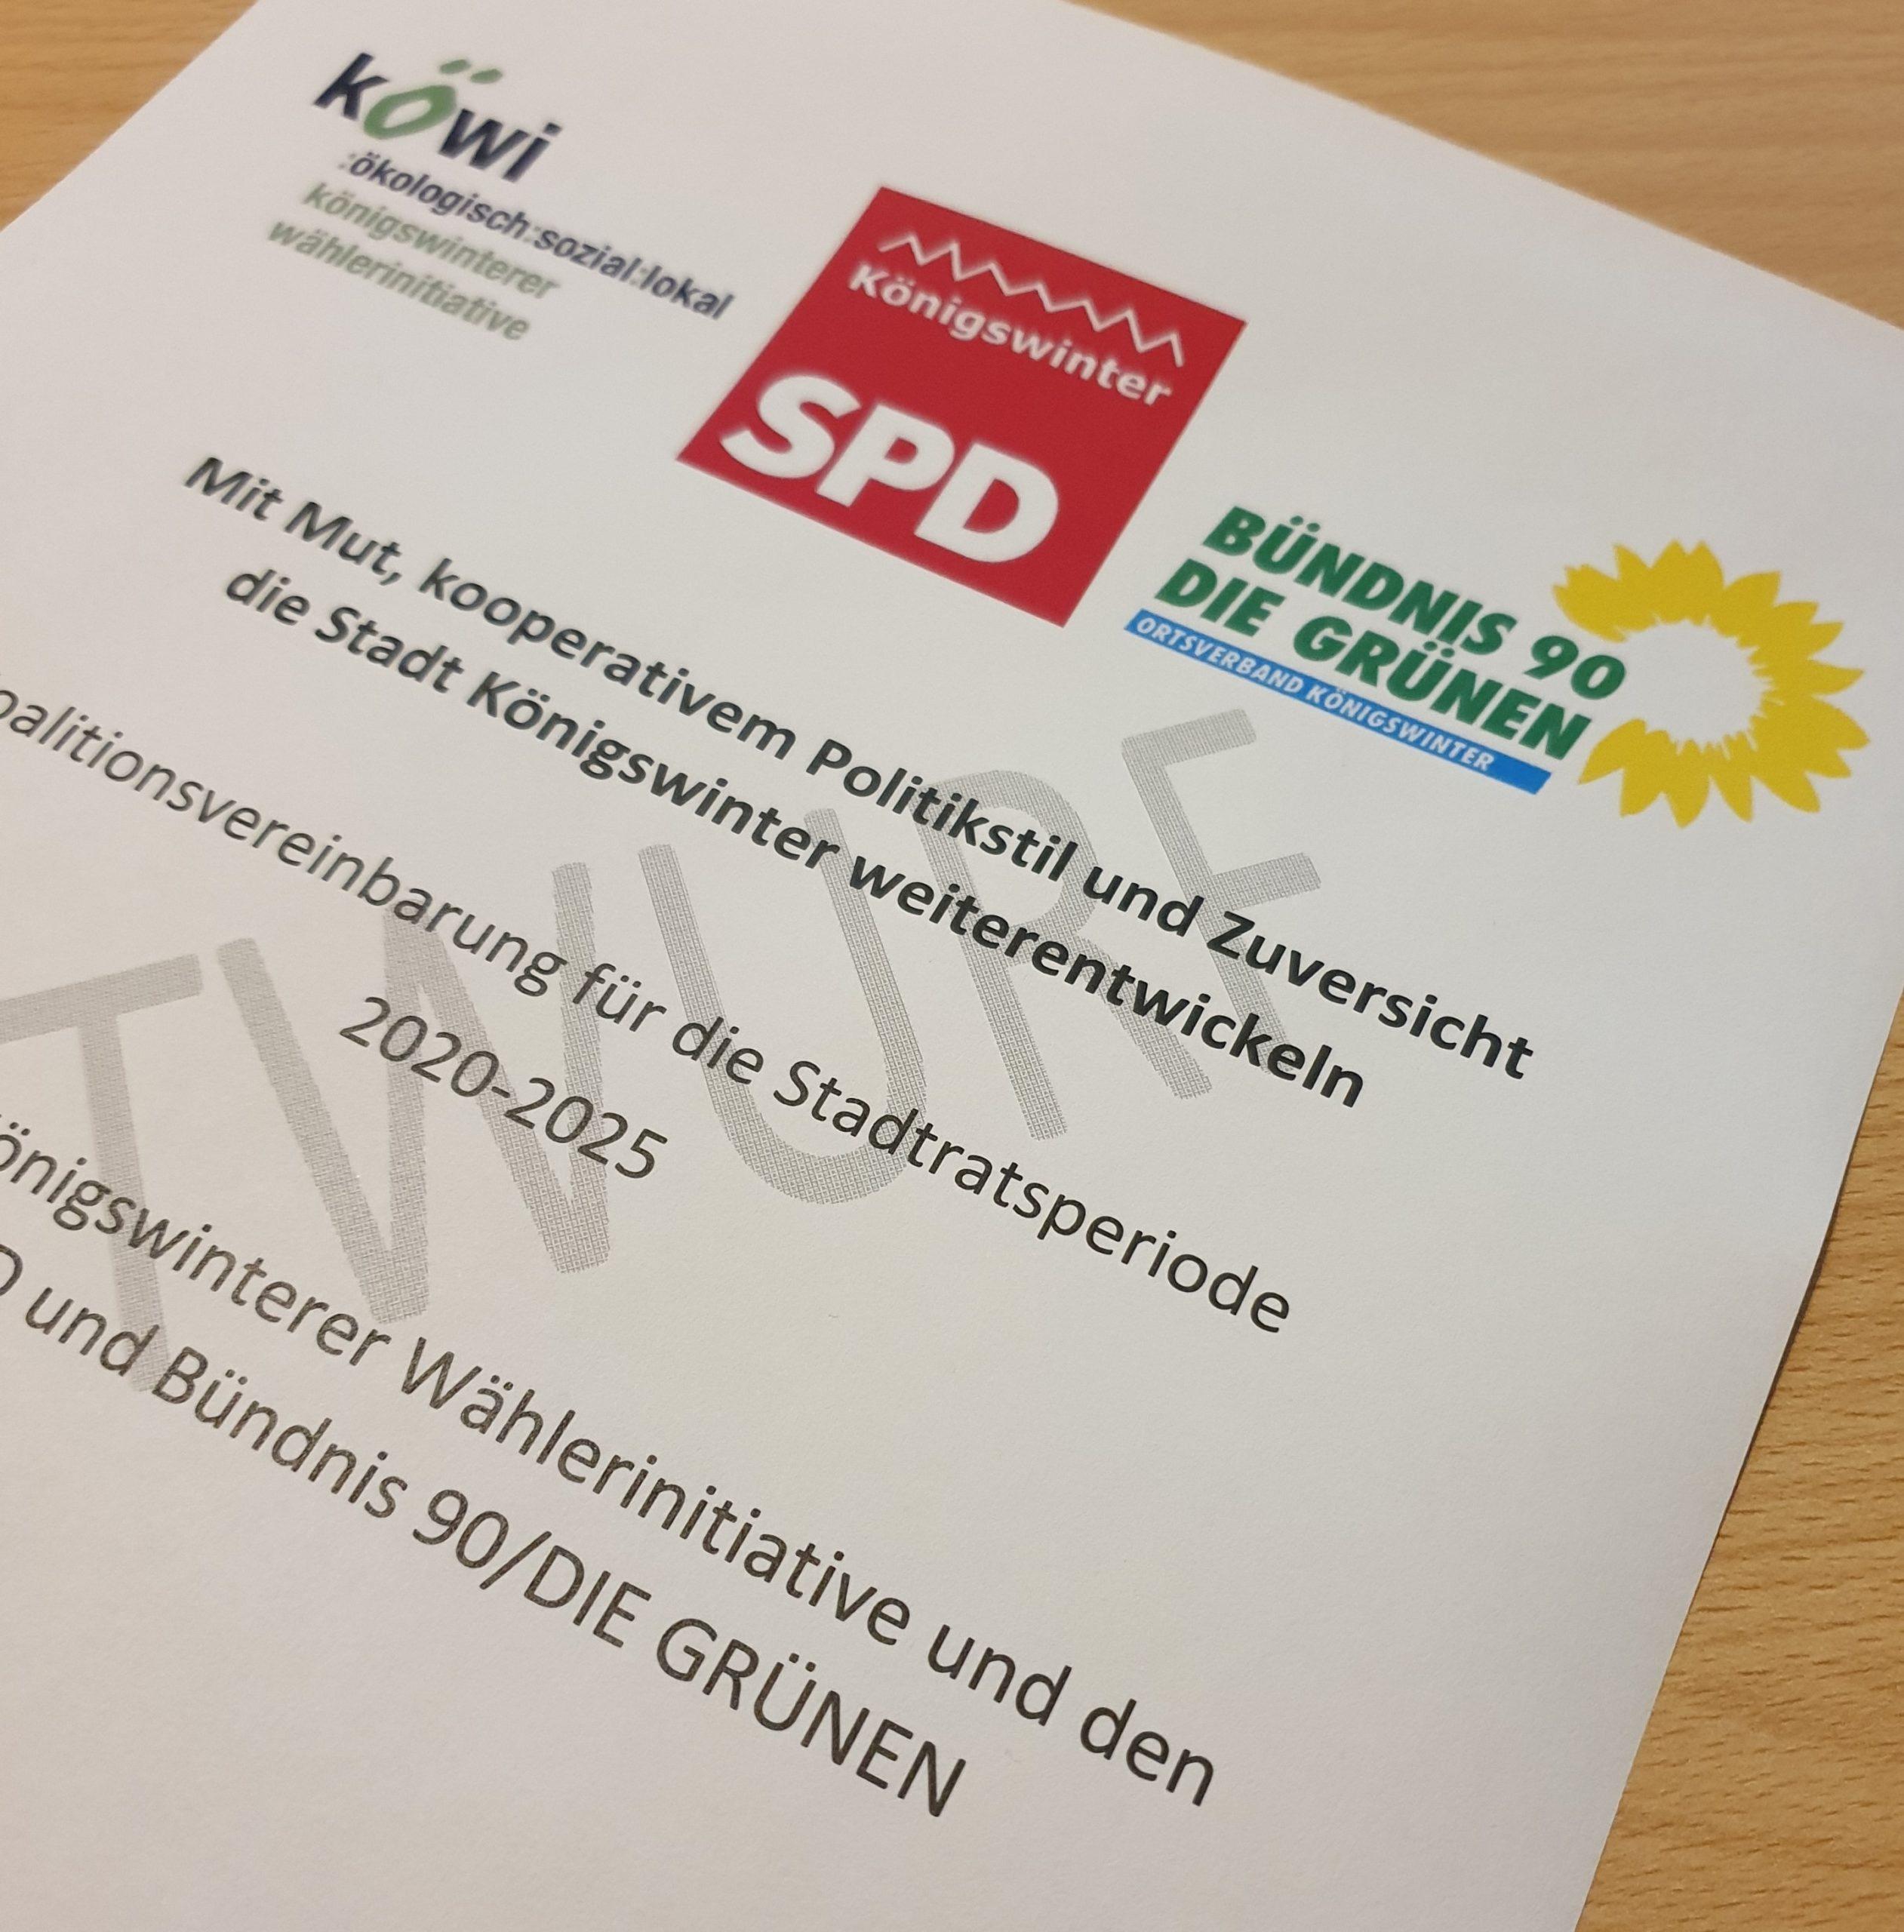 GRÜNE stimmen für Koalitionsvereinbarung mit KöWI und SPD